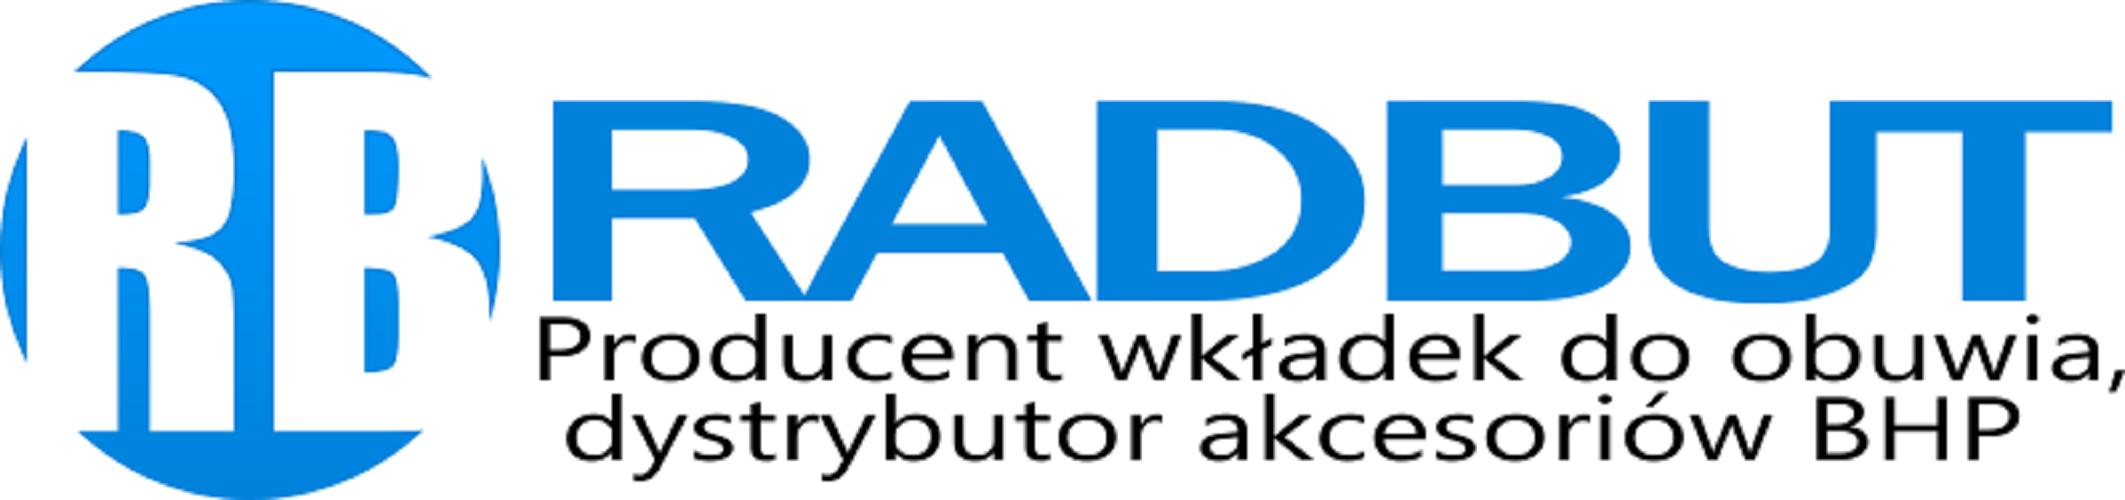 Łukpol